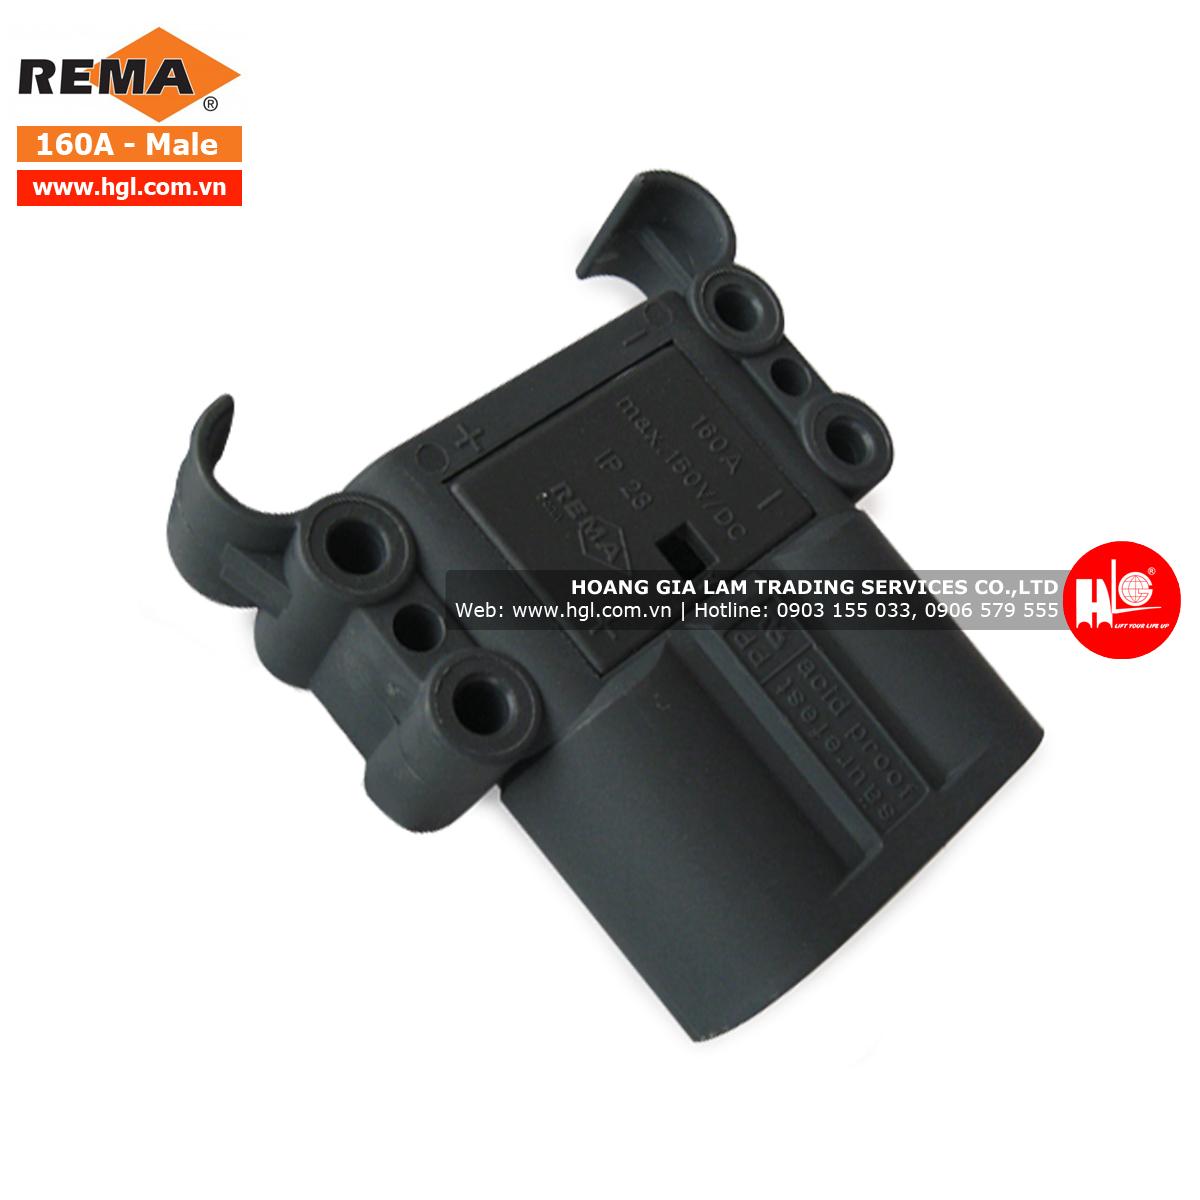 Giắc cắm xe nâng REMA 160A (Giắc đực)